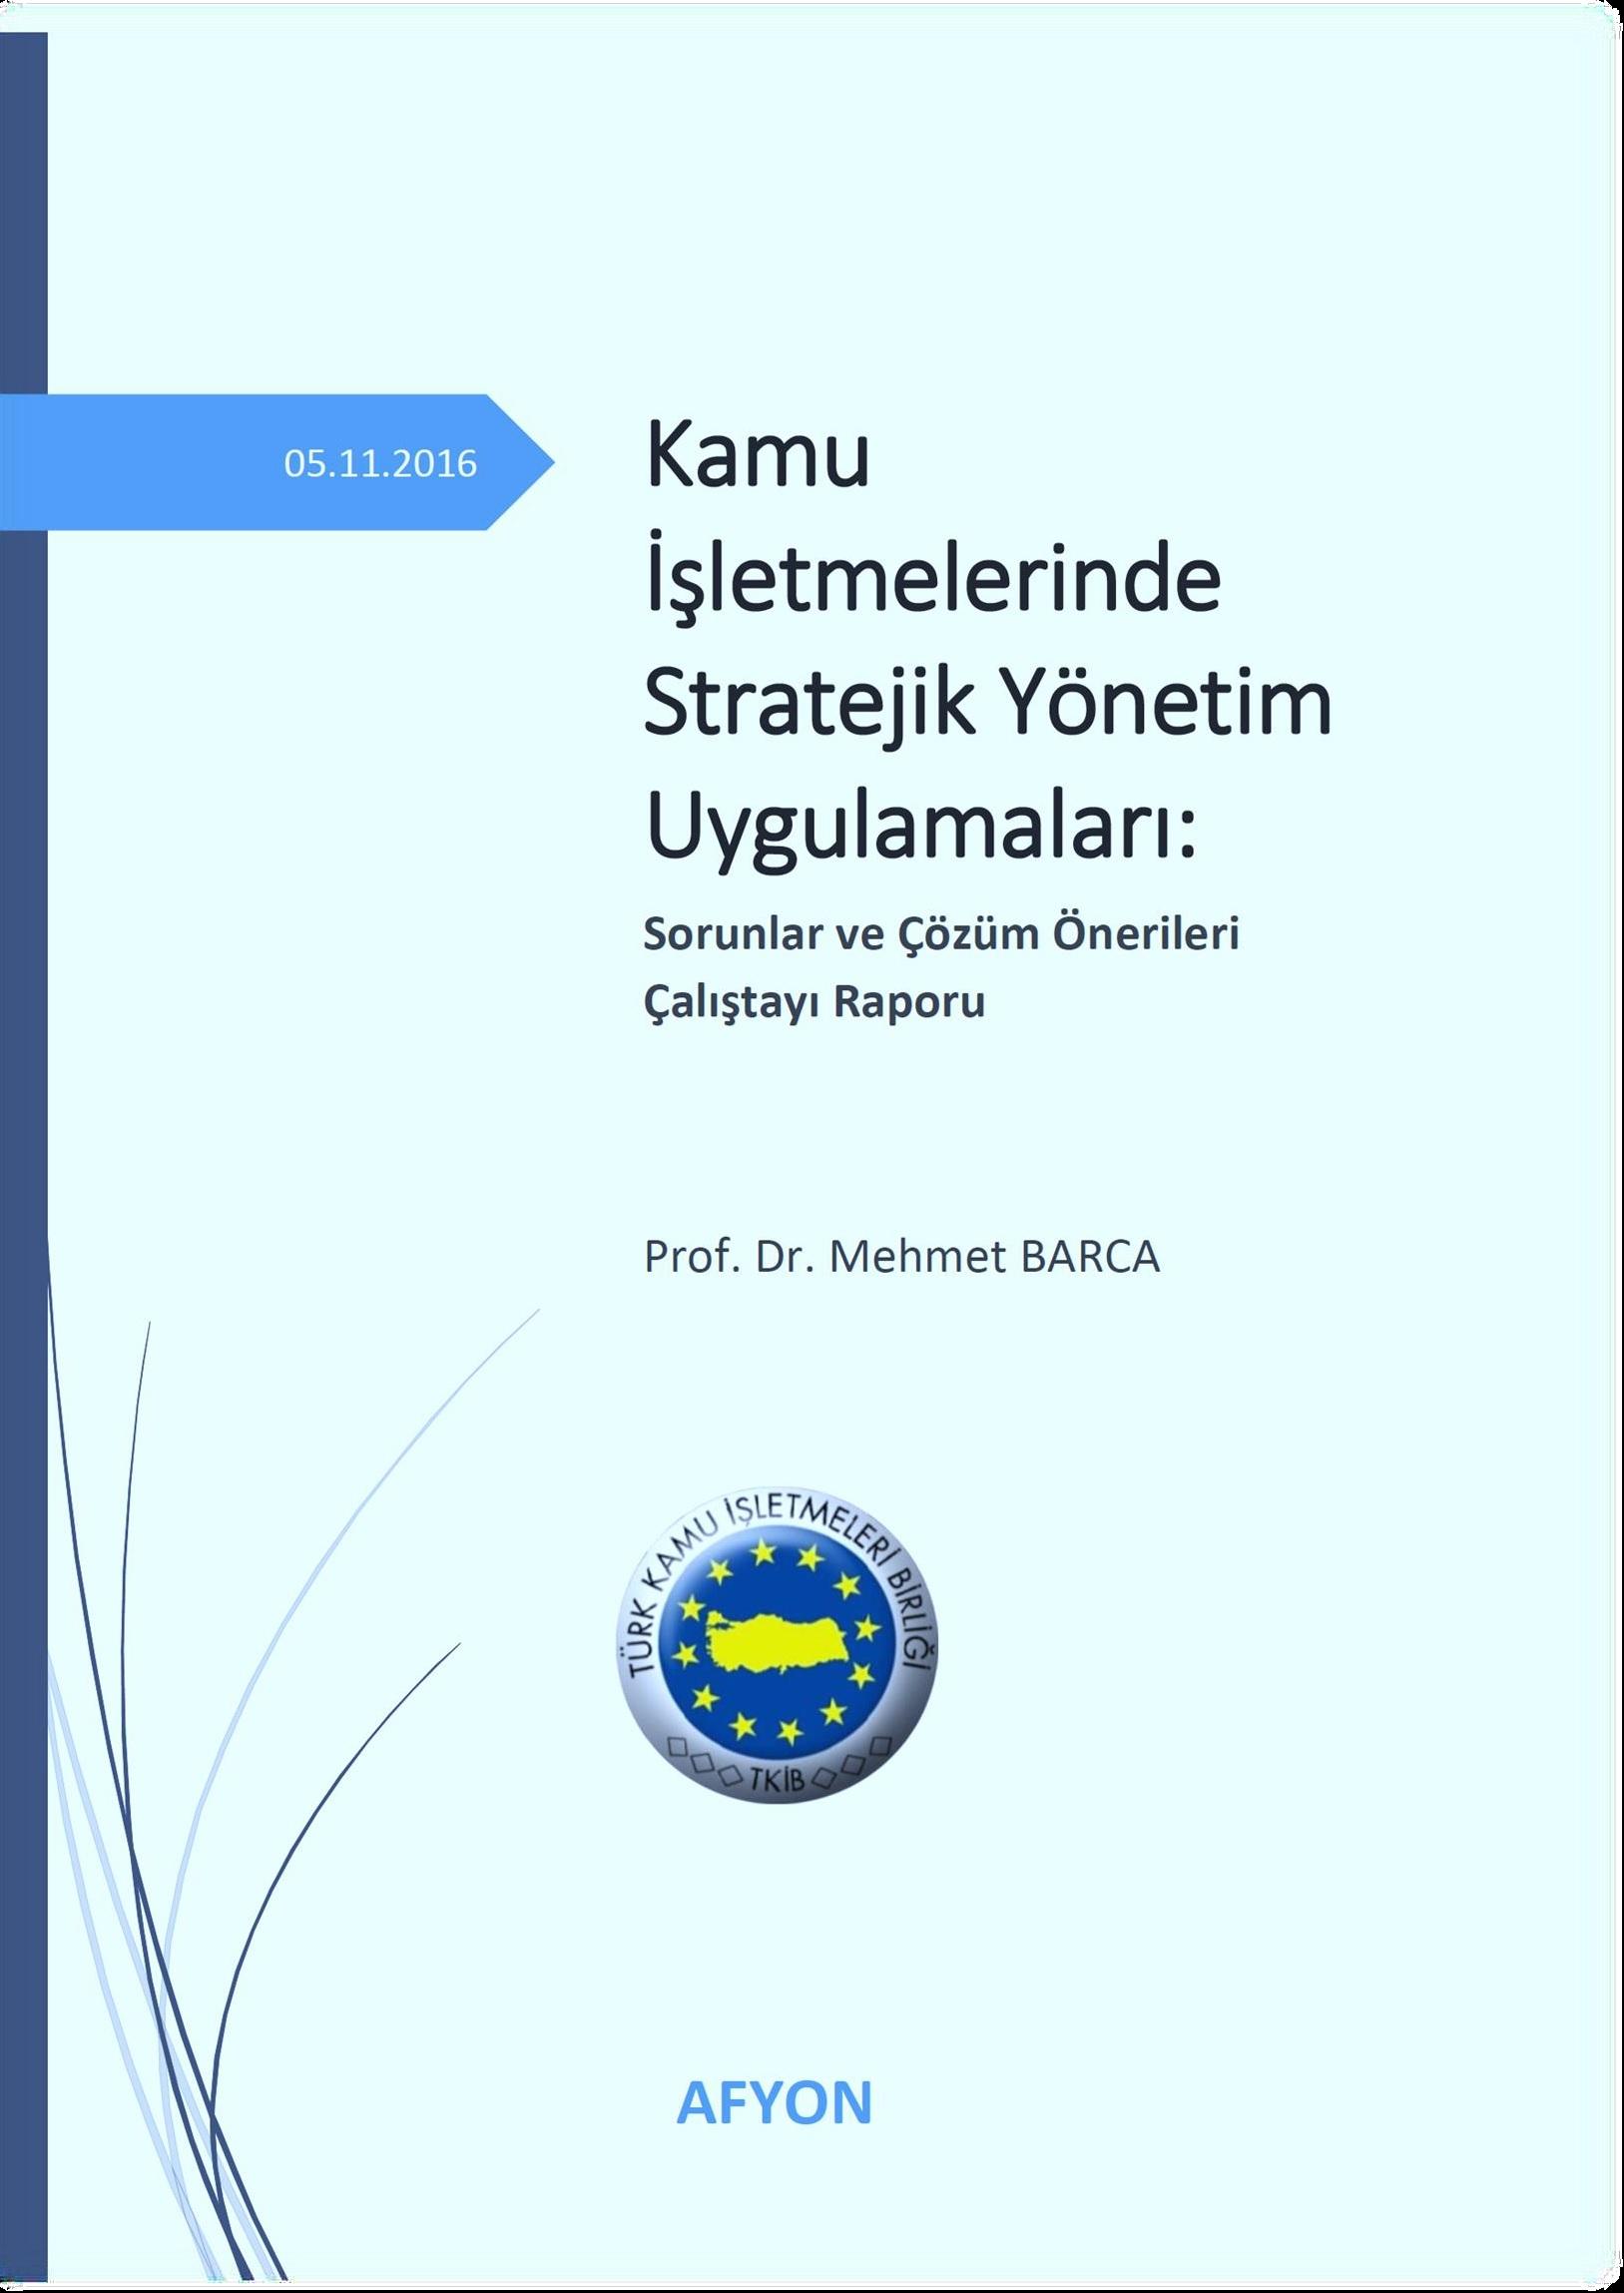 Kamu İşletmelerinde Stratejik Yönetim Uygulamaları Çalıştay Raporu